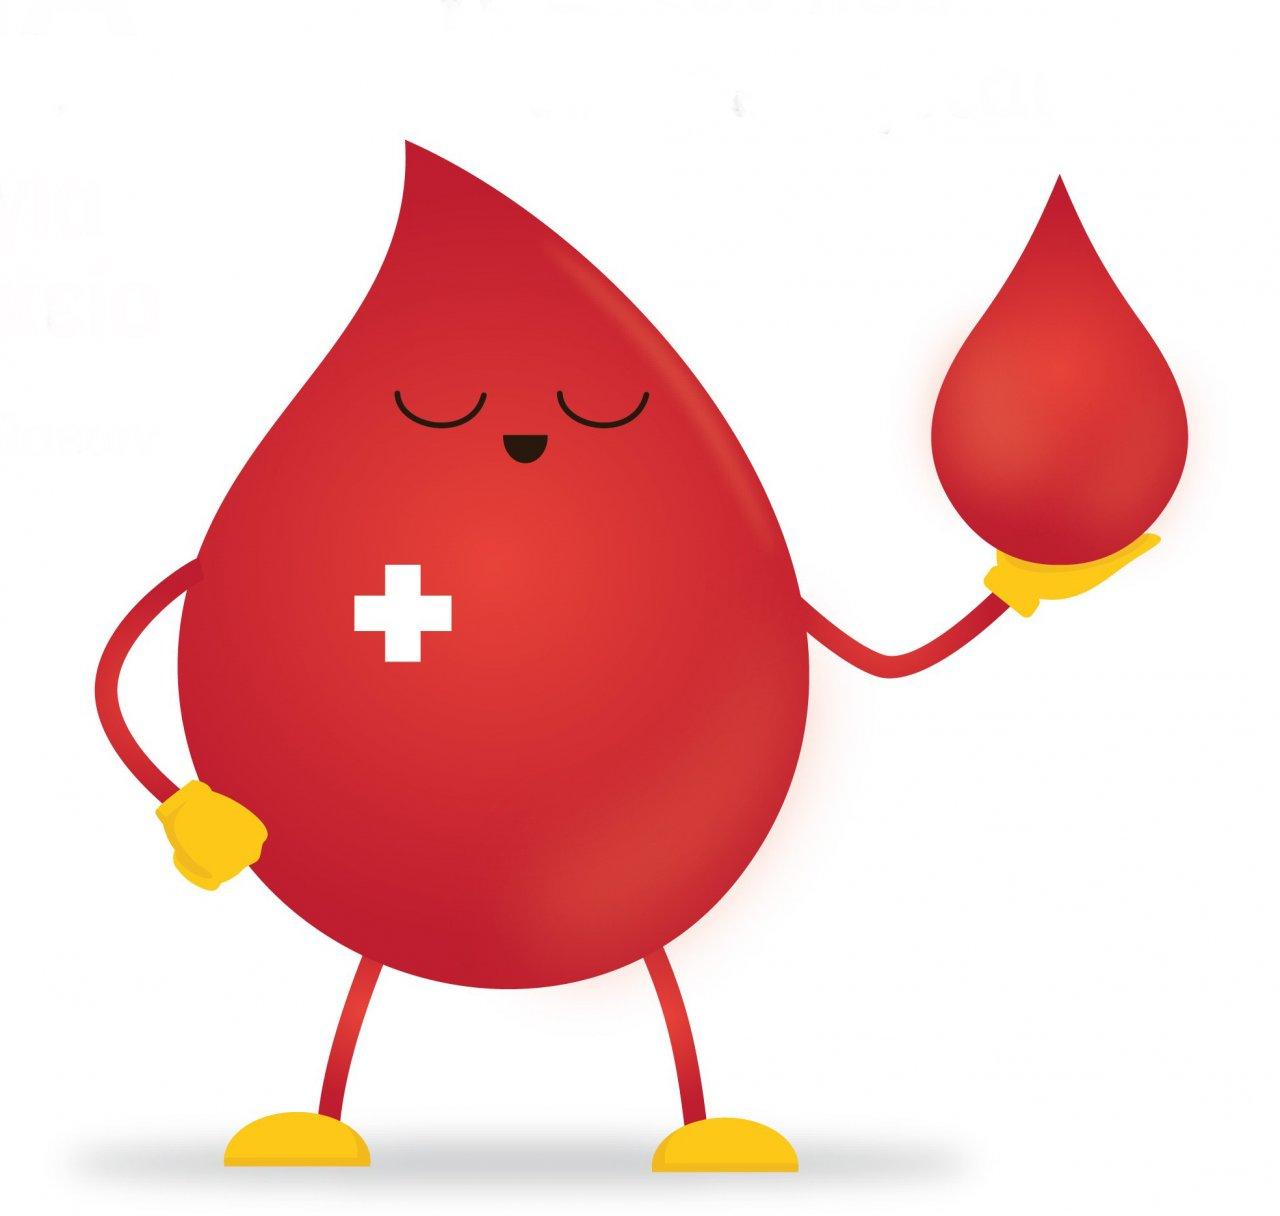 17η Εθελοντική Αιμοδοσία στην Καλαμαριά!